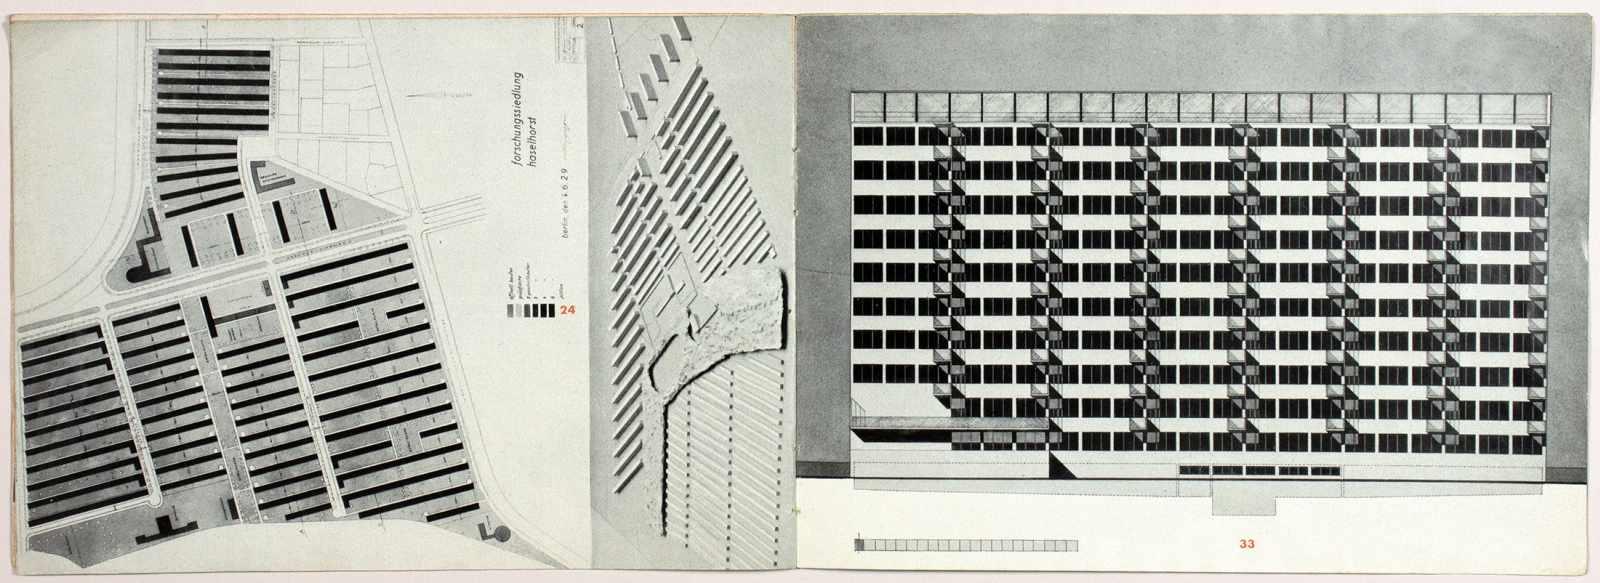 Laszlo Moholy-Nagy - Ausstellung Walter Gropius. Zeichnungen, Fotos, Modelle in der ständigen - Image 5 of 8